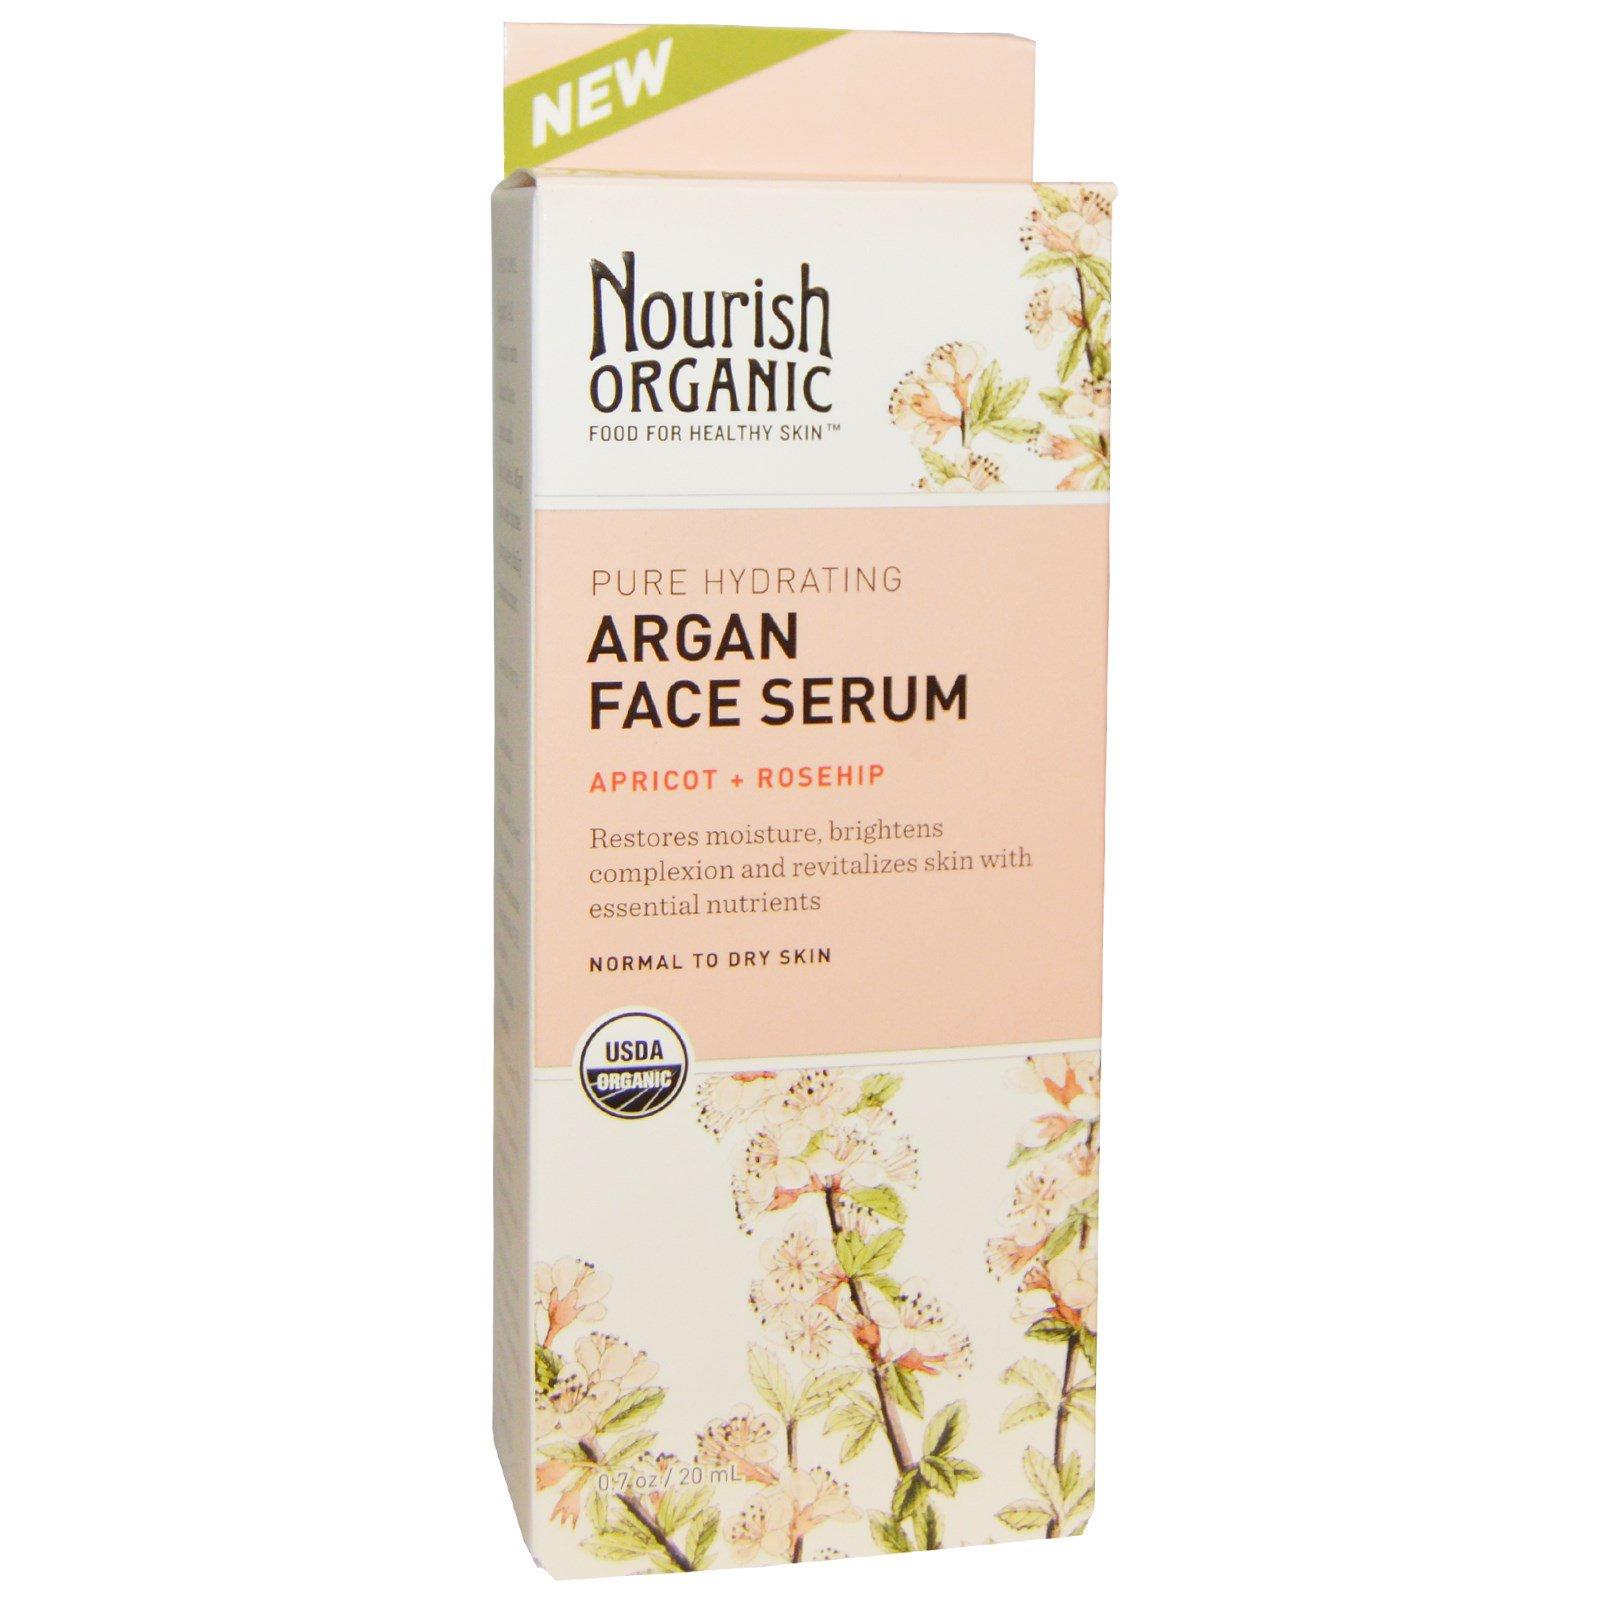 Nourish Organic, Увлажняющая аргановая сыворотка для лица, Абрикос + шиповник, 0,7 унции (20 мл)